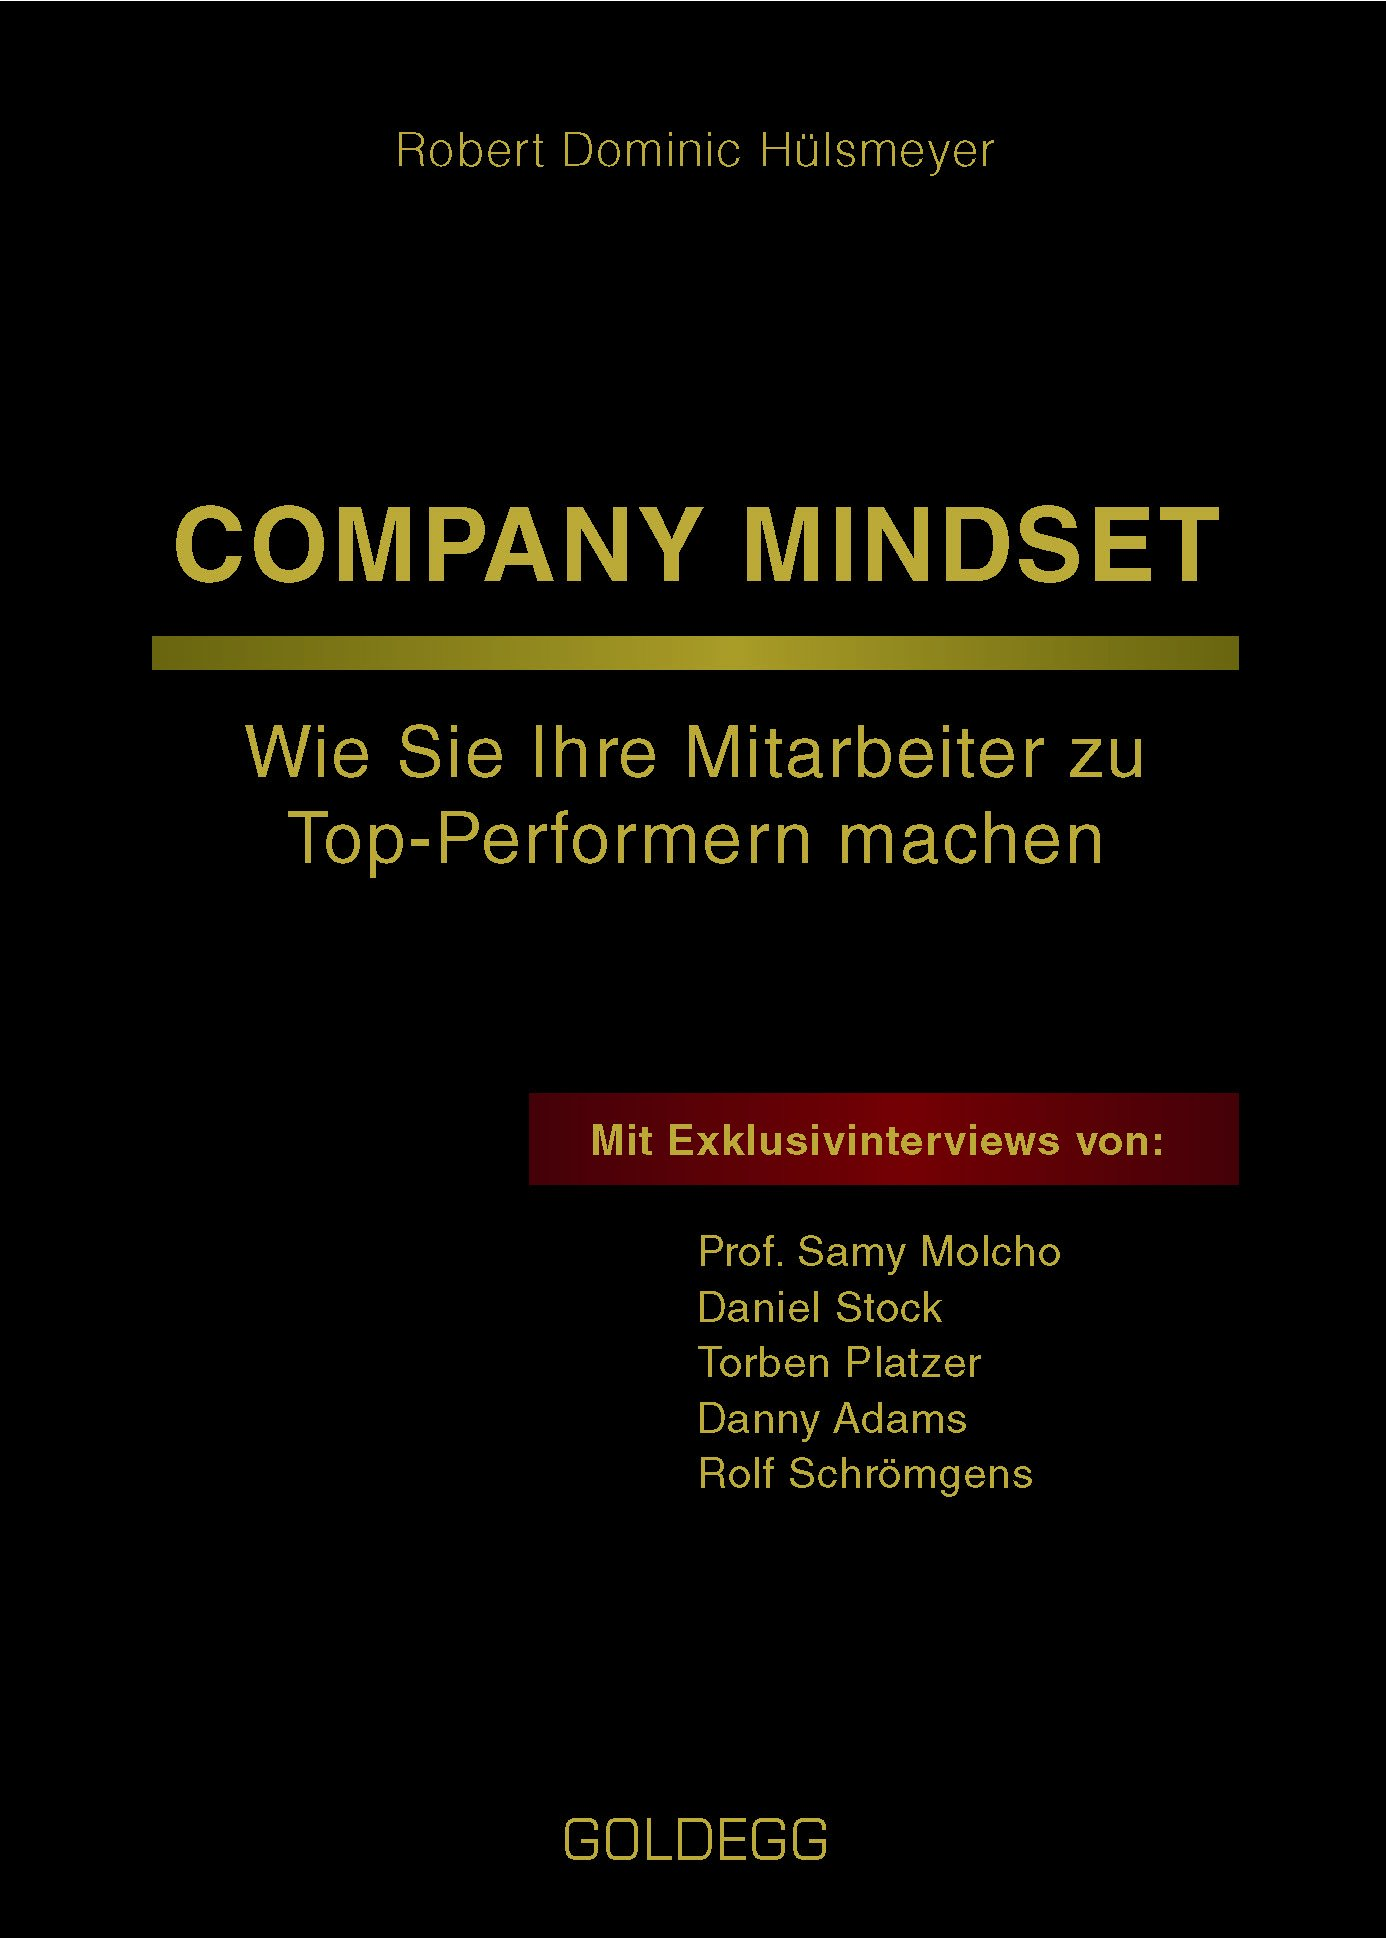 Company Mindset: Wie Sie Ihre Mitarbeiter zu Top-Performern machen